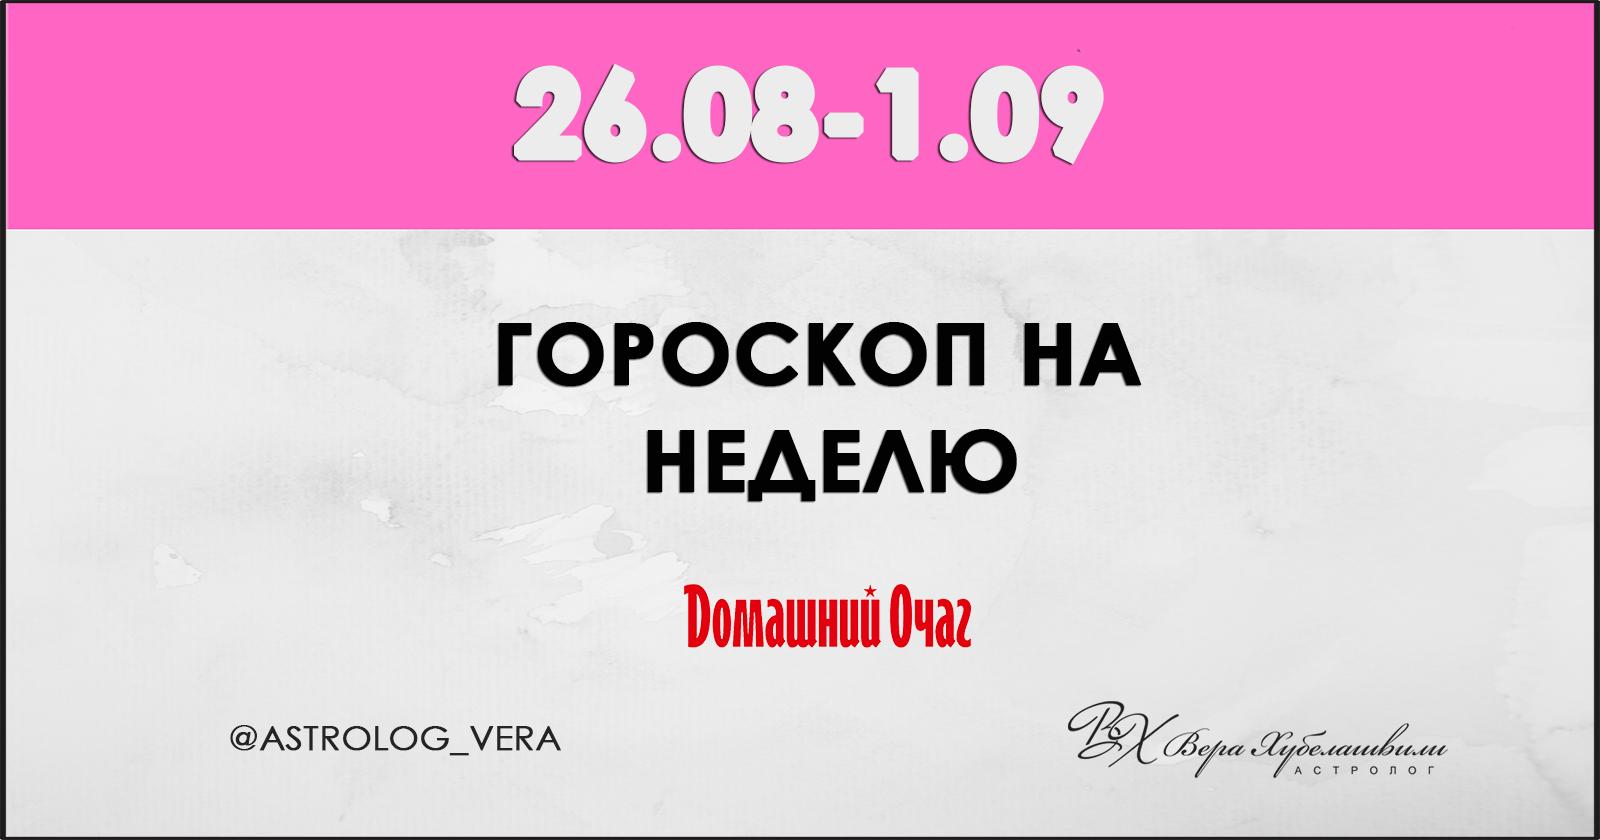 АСТРОЛОГИЧЕСКИЙ ПРОГНОЗ 26 АВГУСТА - 1 СЕНТЯБРЯ 2019 (ДОМАШНИЙ ОЧАГ)